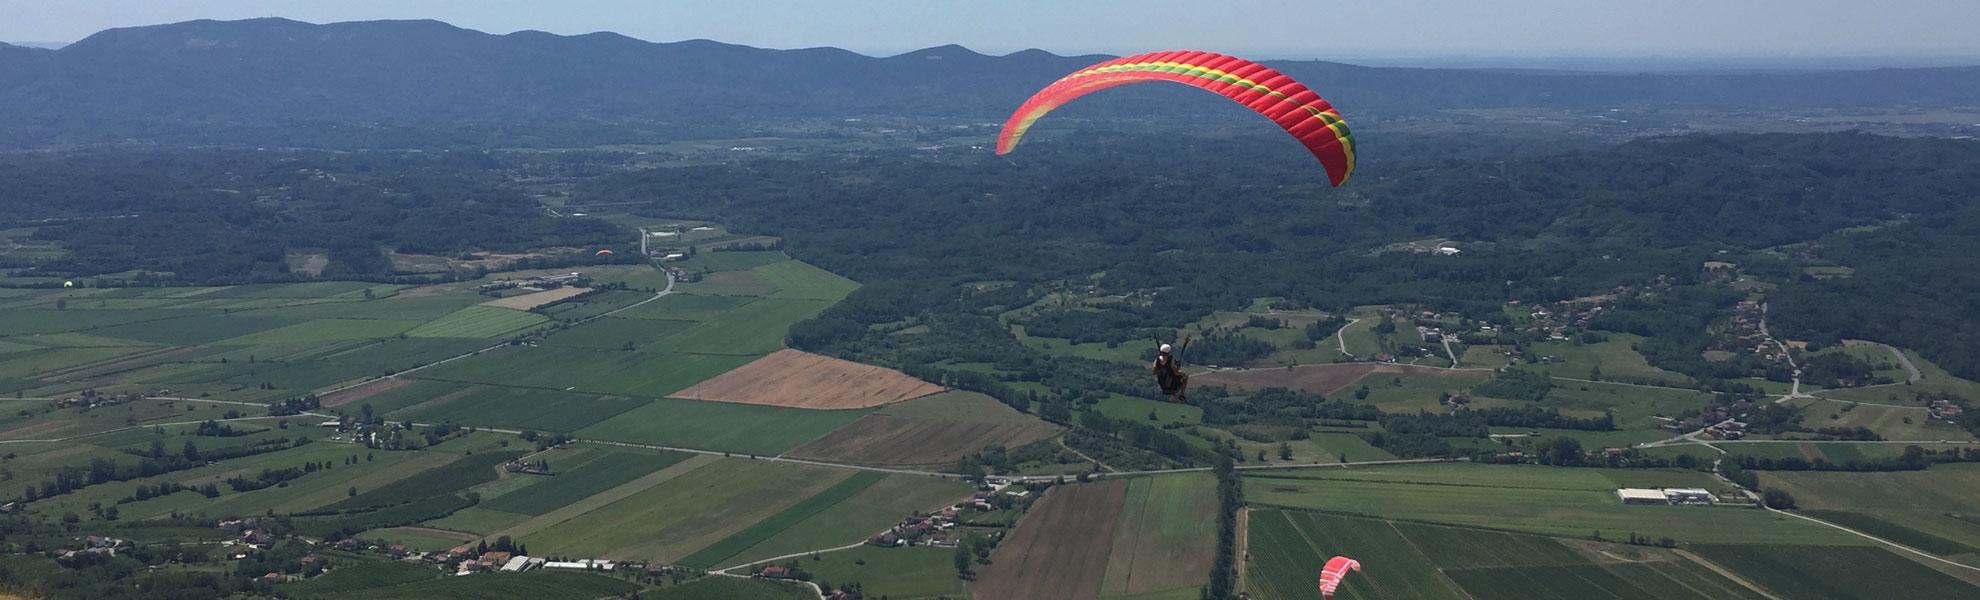 paragliden-Slovenie-leren